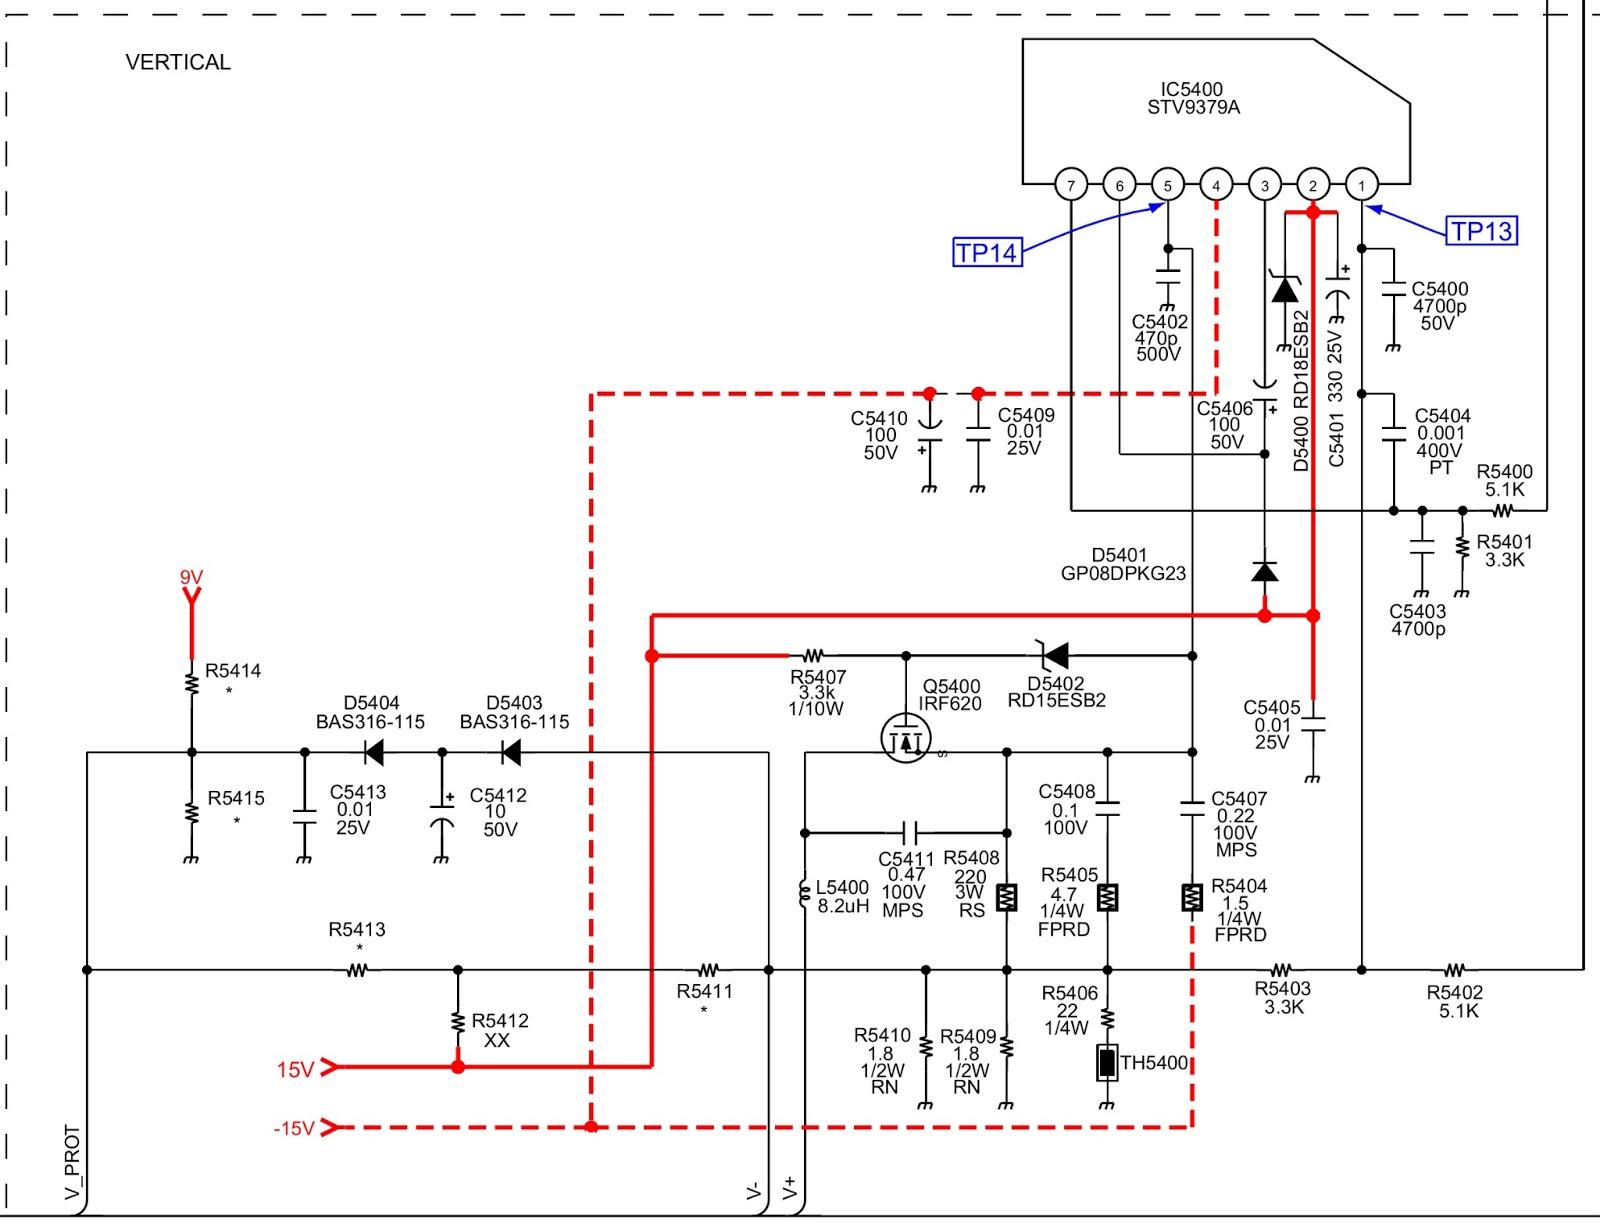 Sony Kv-32hq100b - Kv-36hq100b - Trinitron